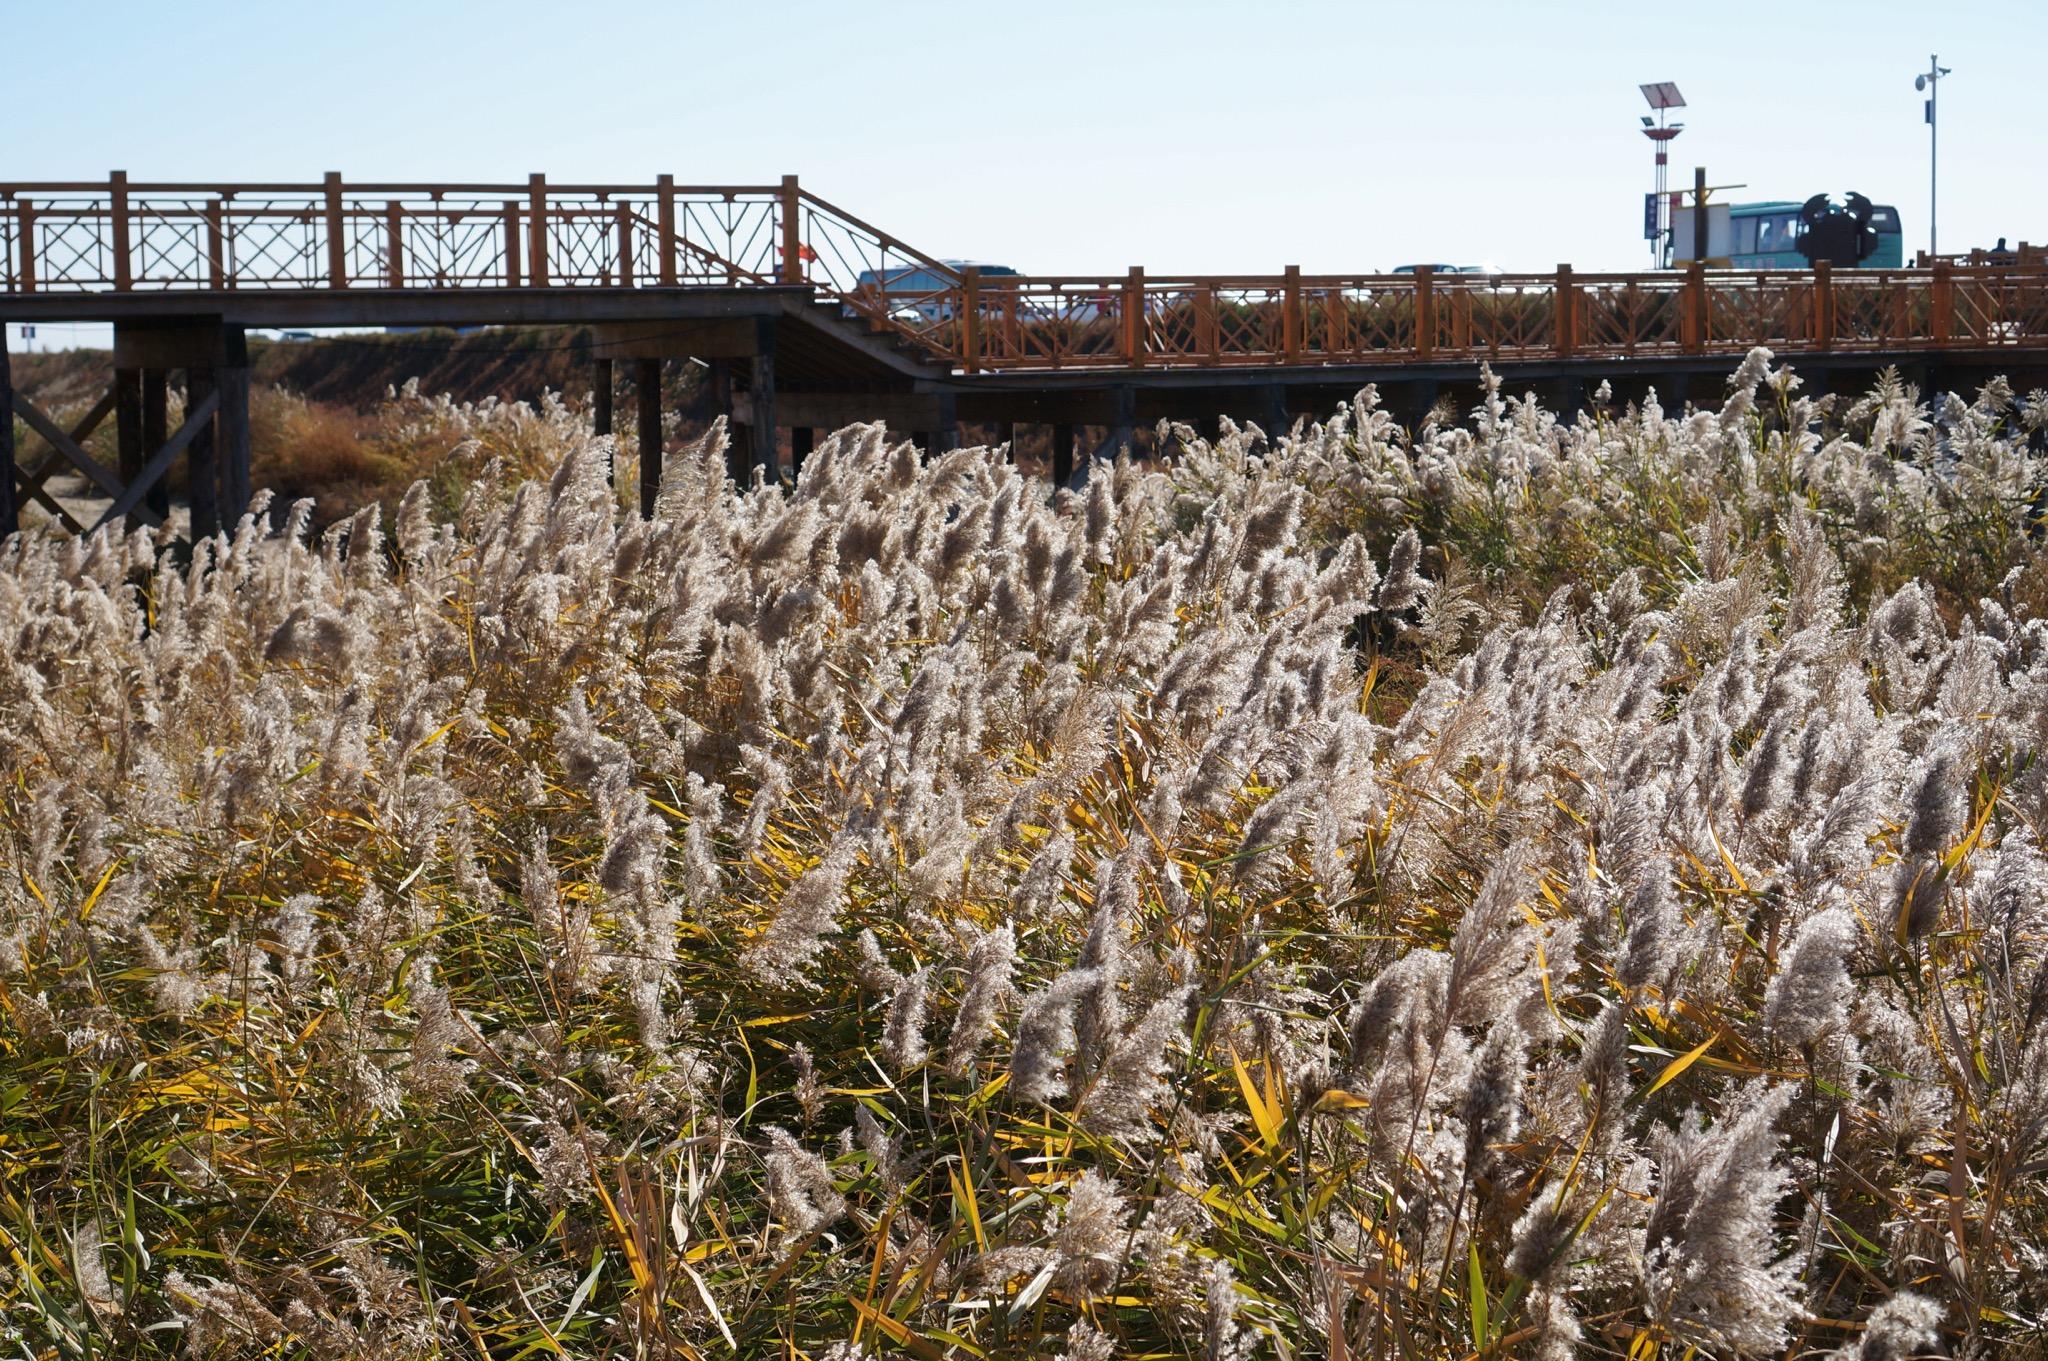 麦田外围的芦苇